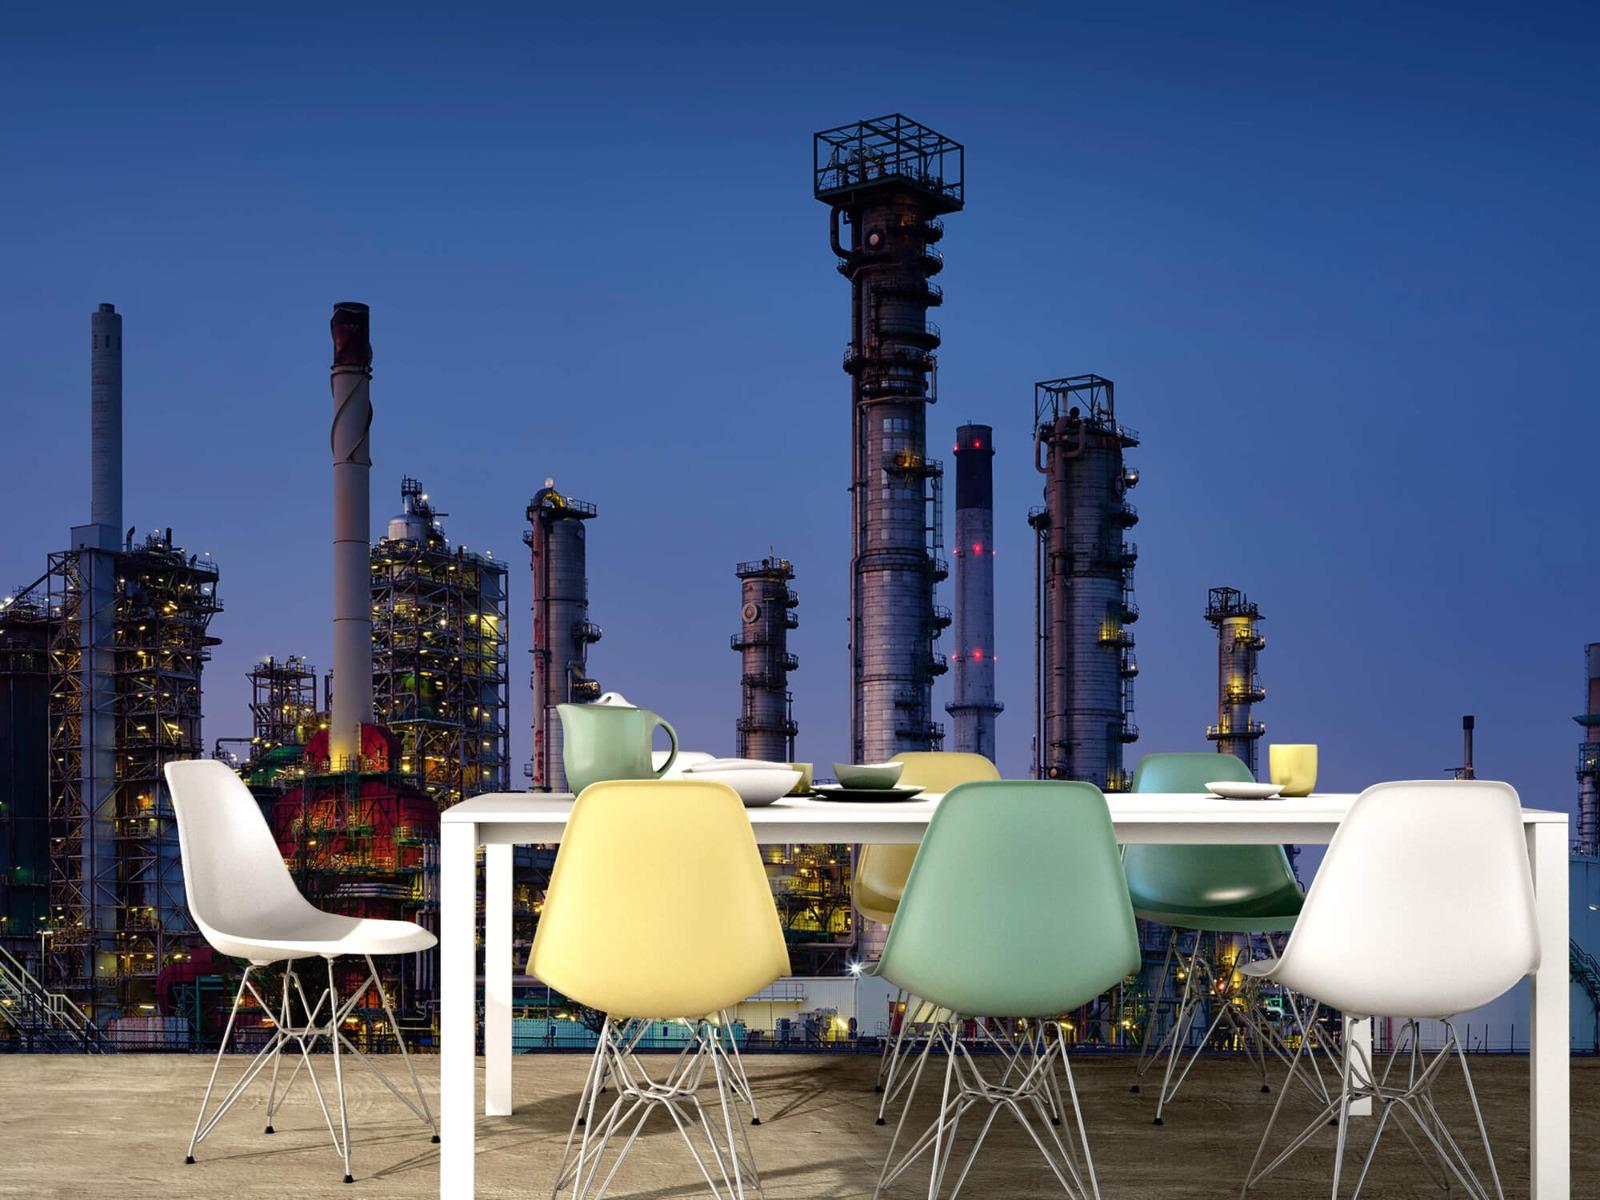 Steden behang - Industrie Botlek - Hobbykamer 15